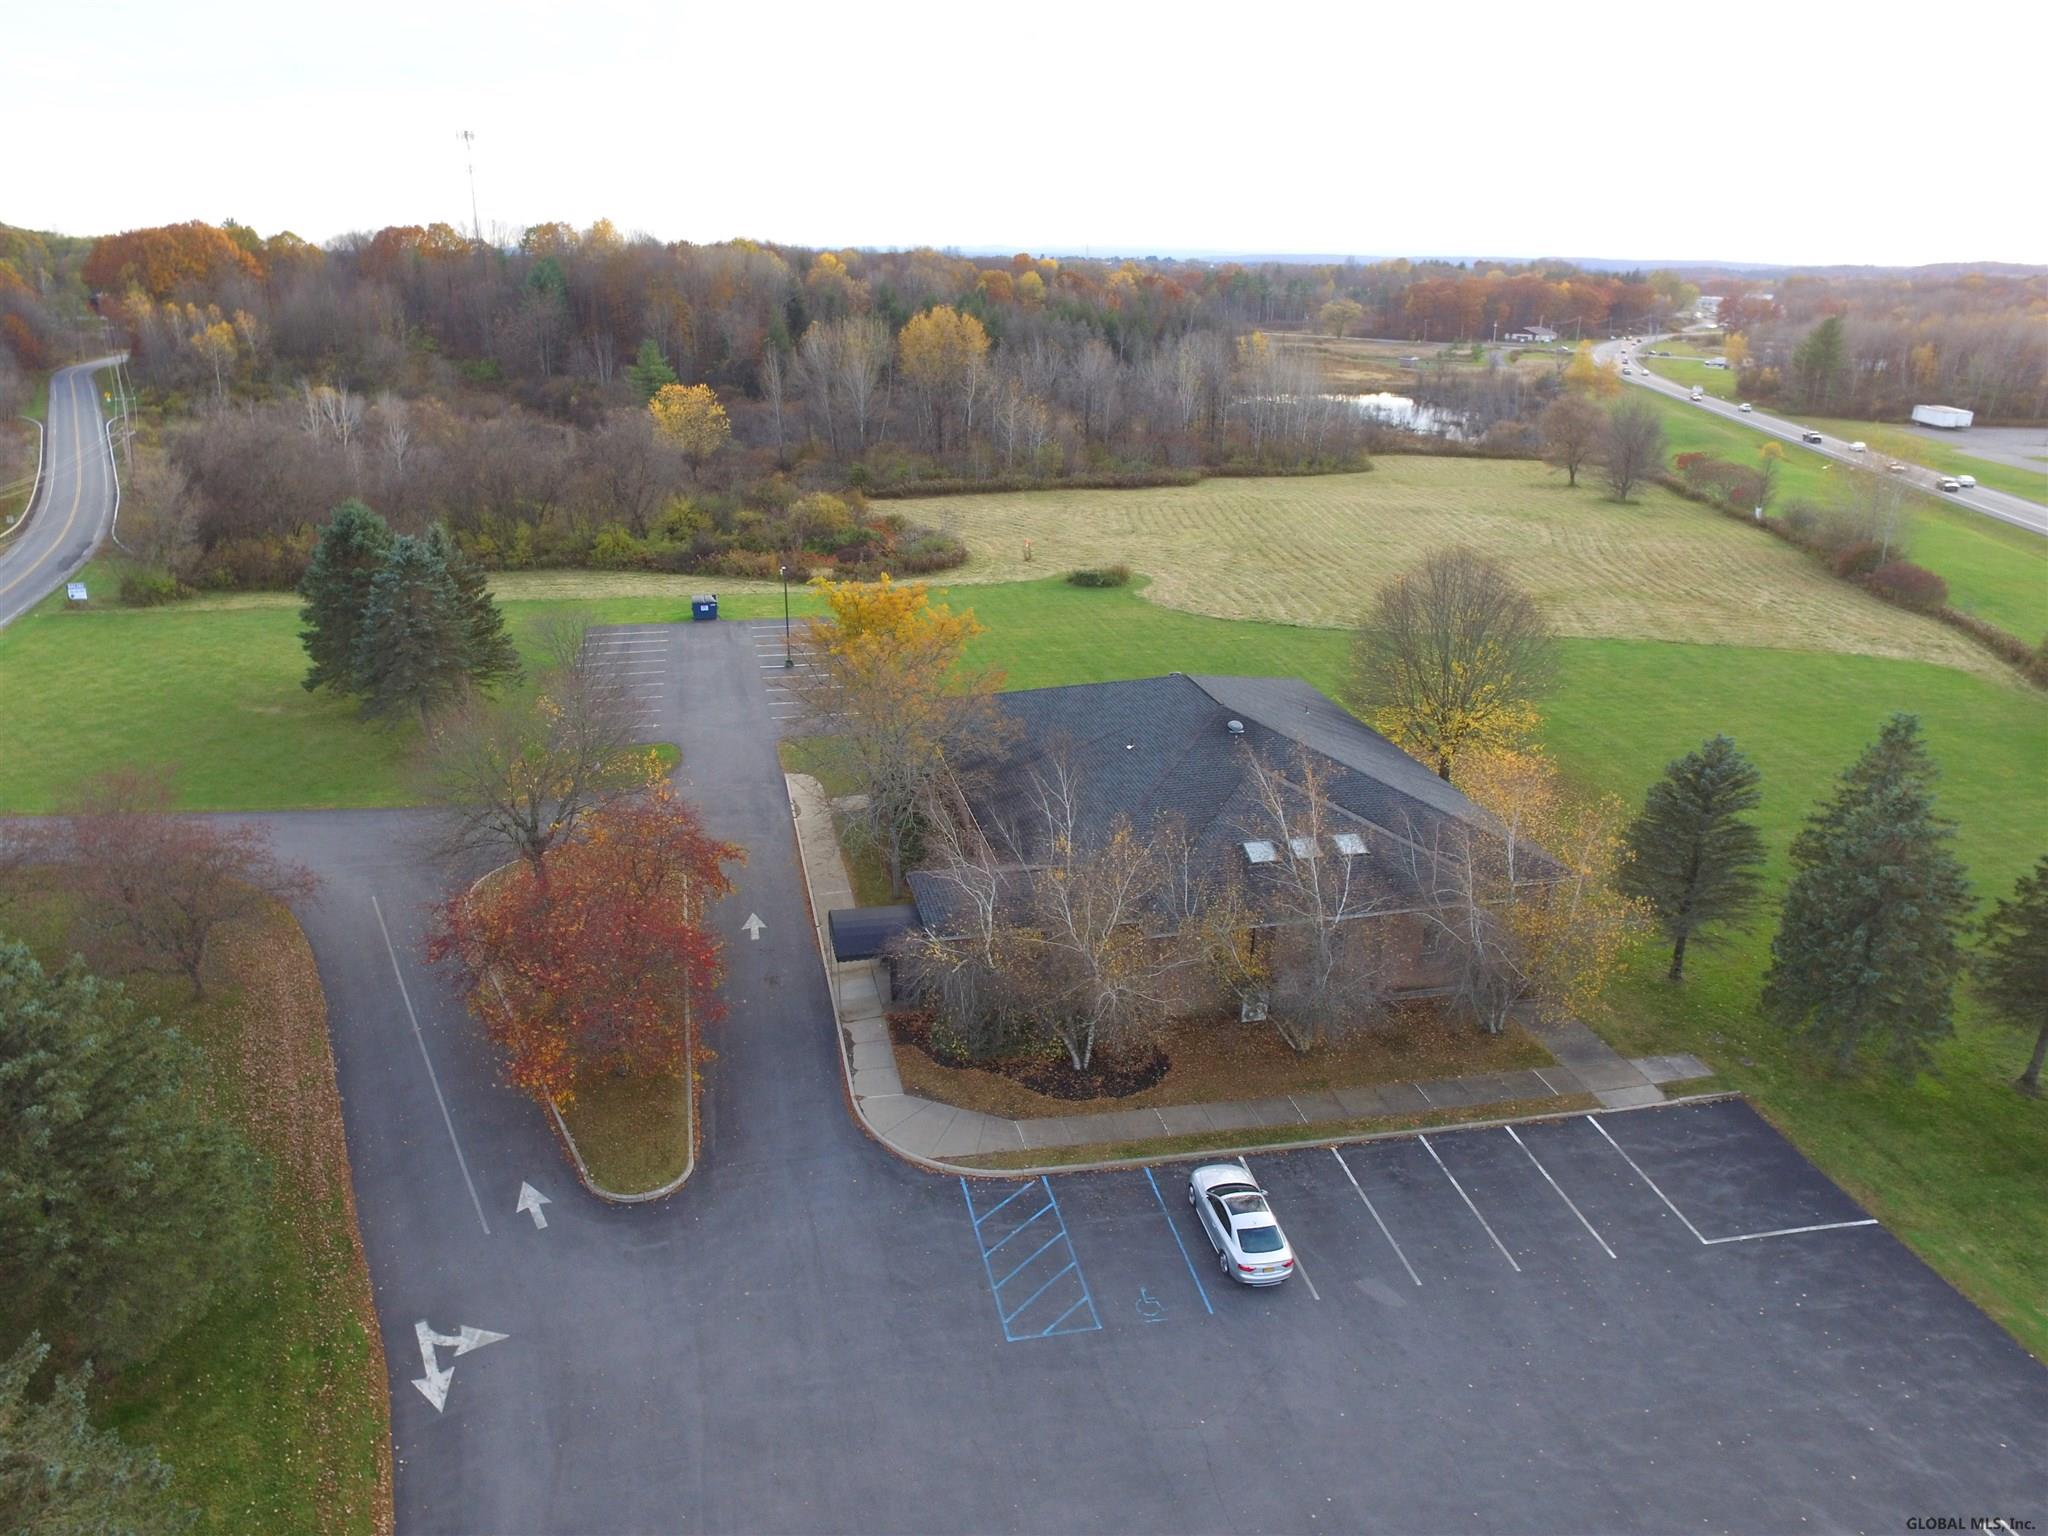 Gloversville image 11